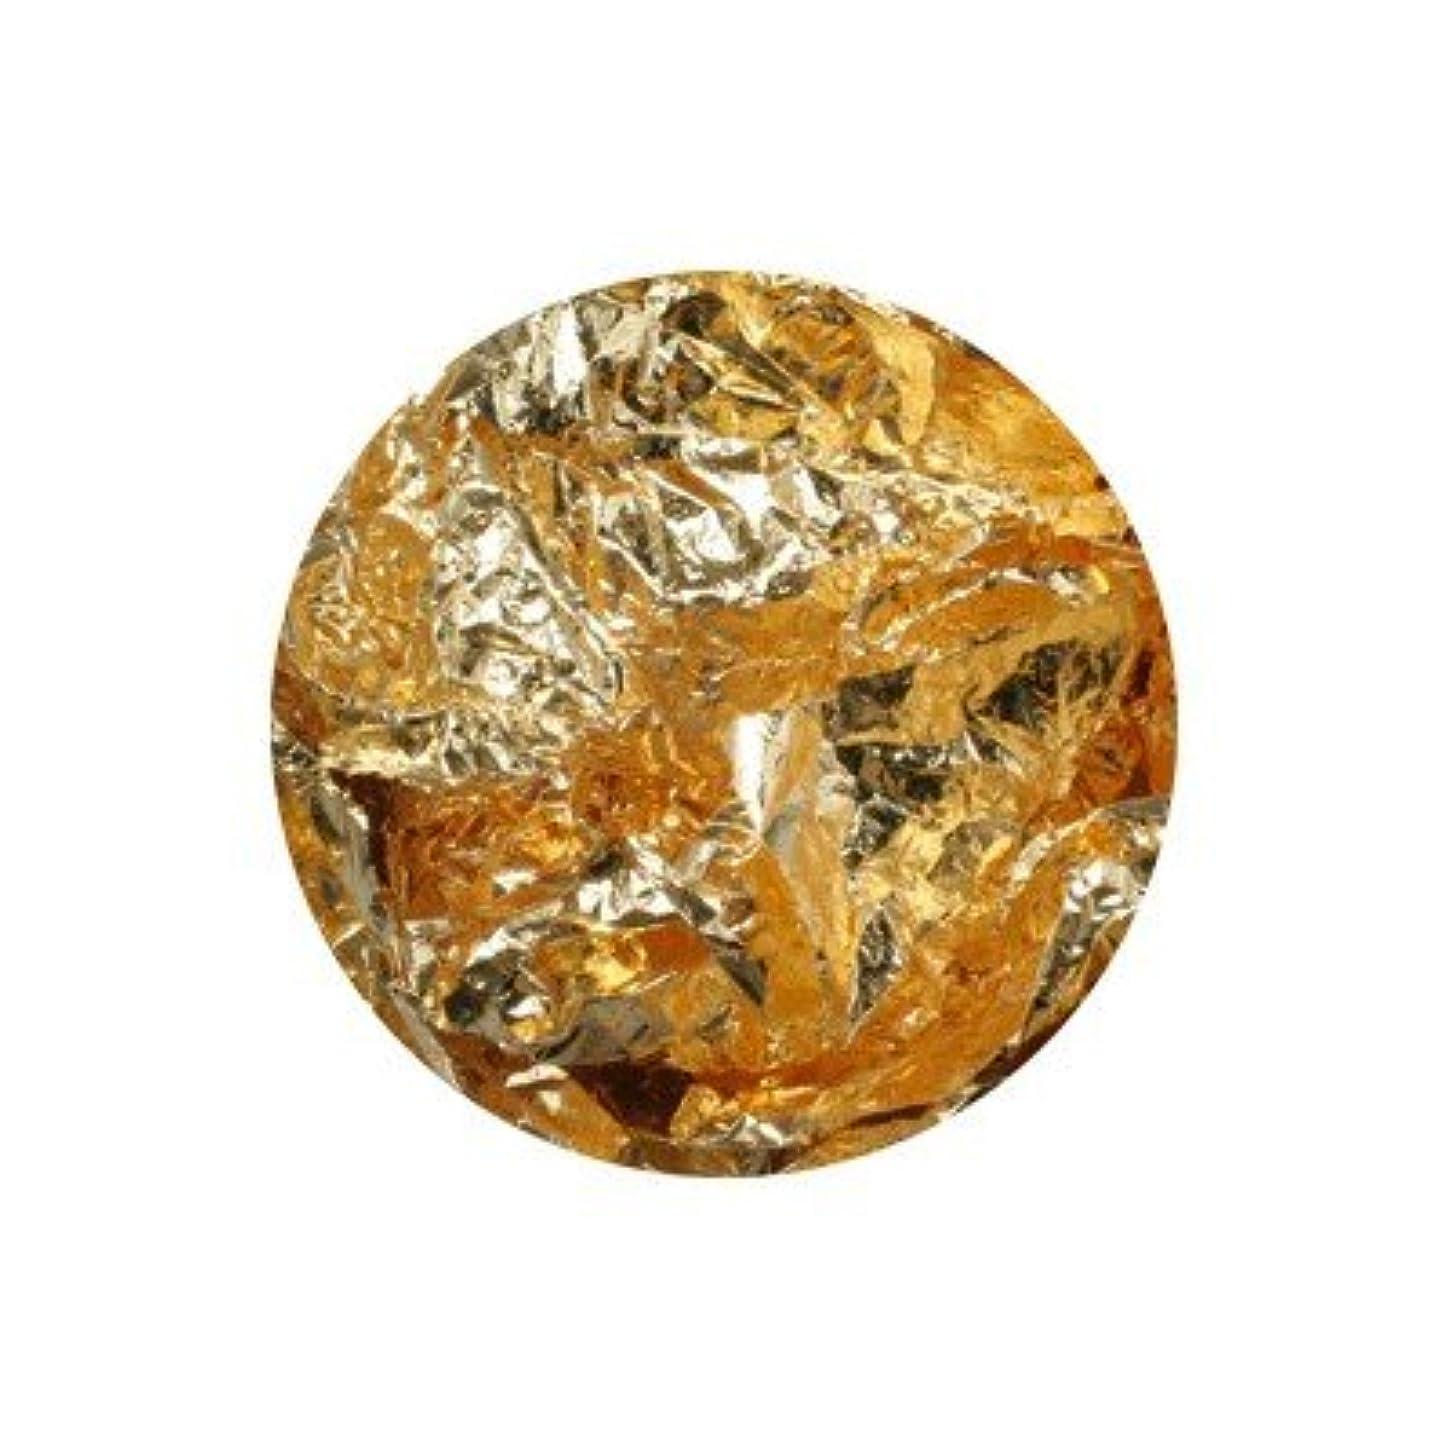 ボンネイル 金箔